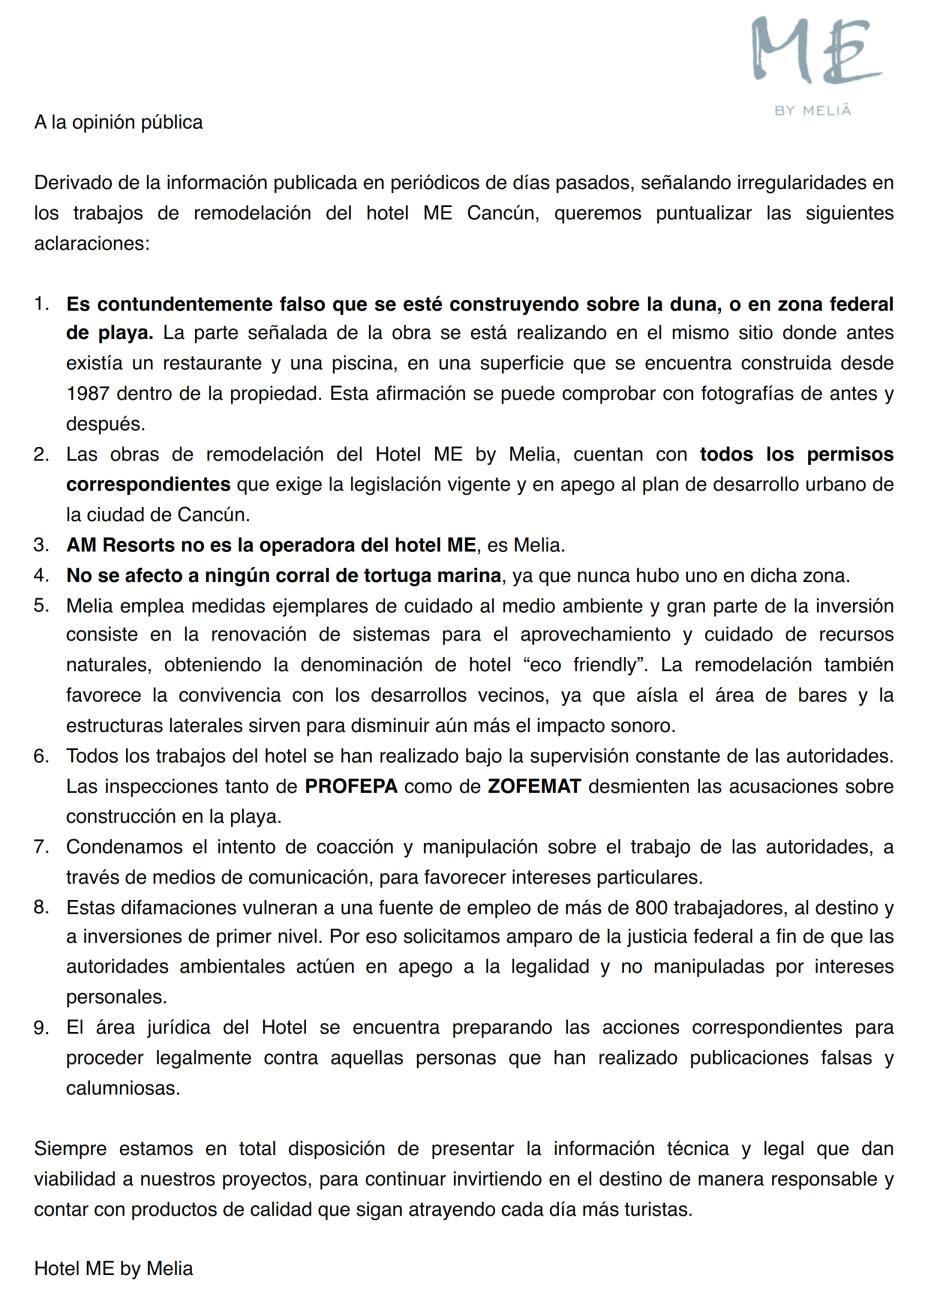 comunicado-oficial-me-21-nov-pdf_001